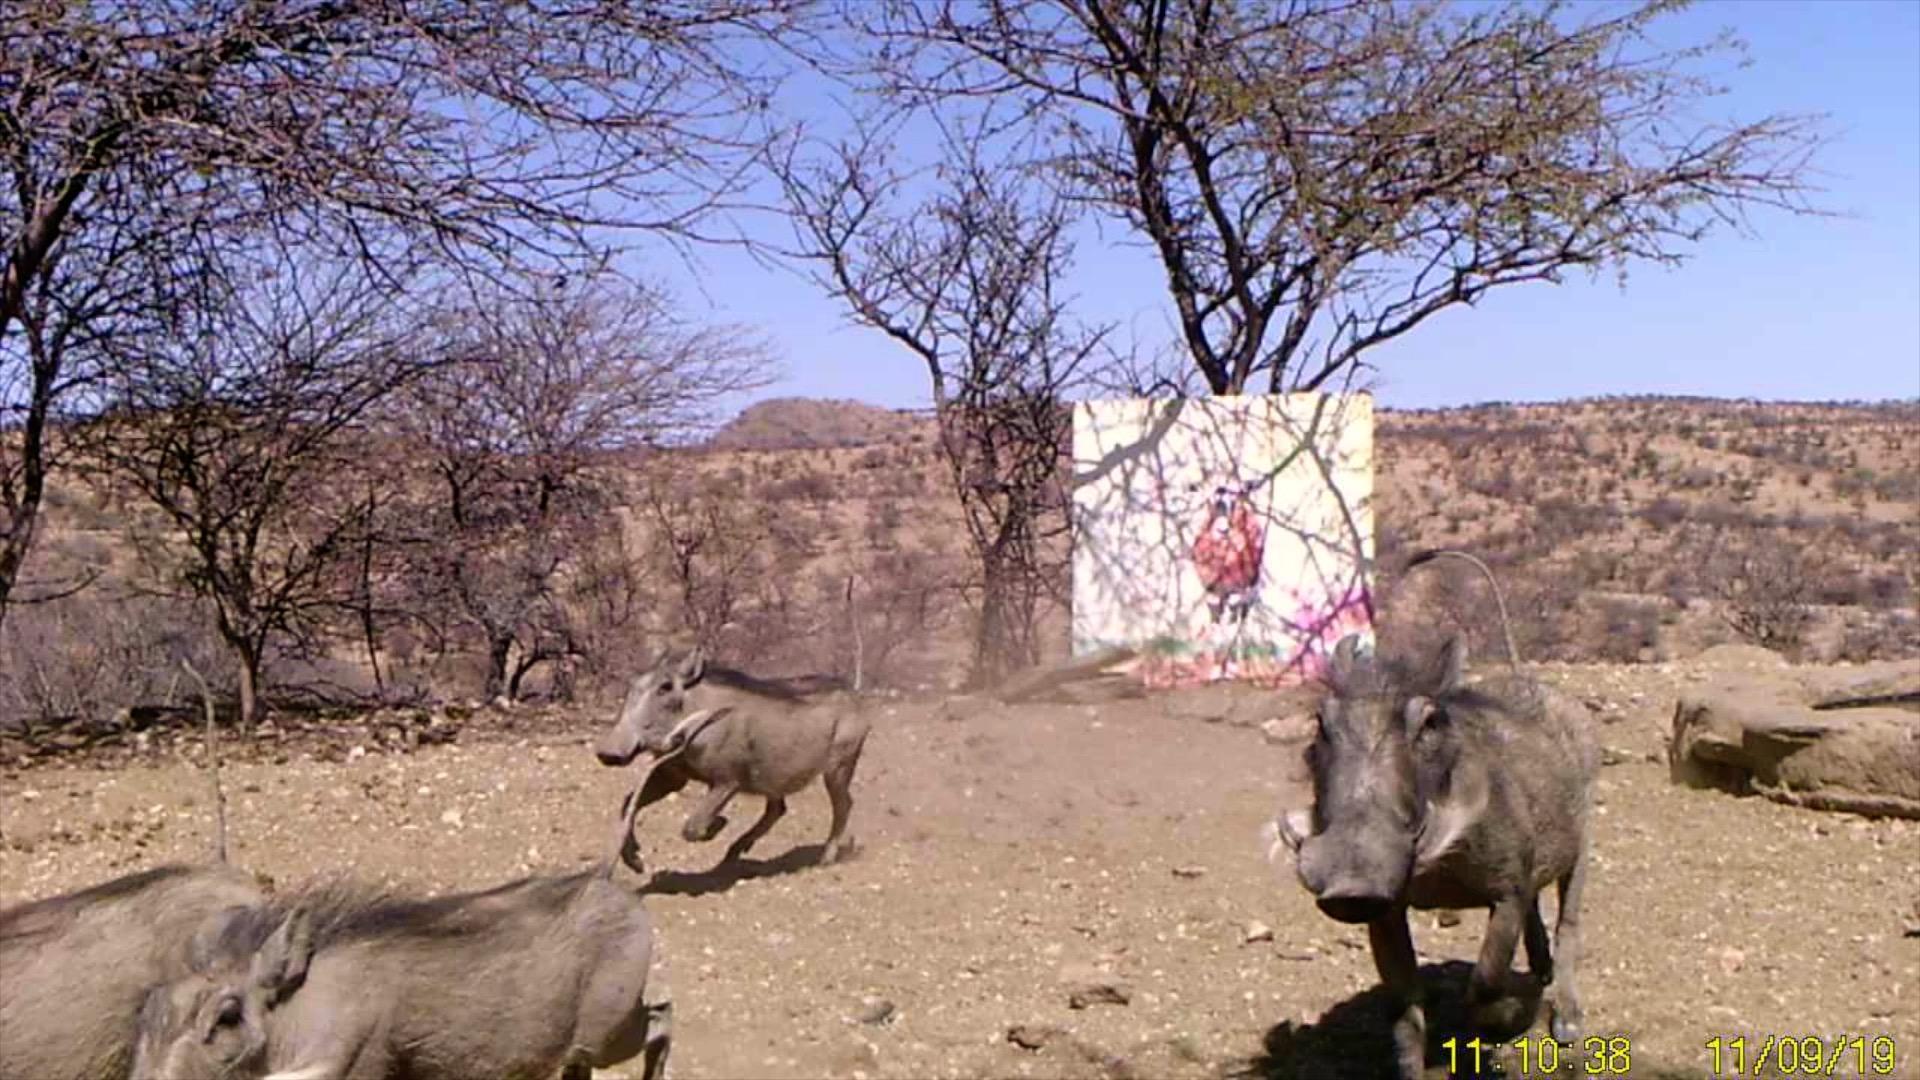 Filmstill SUPERWILDVISION Namibia 2019, Afrika, Kunstprojekt von Irene Mueller, Warzenschweine mit Gemaelde, Galopp